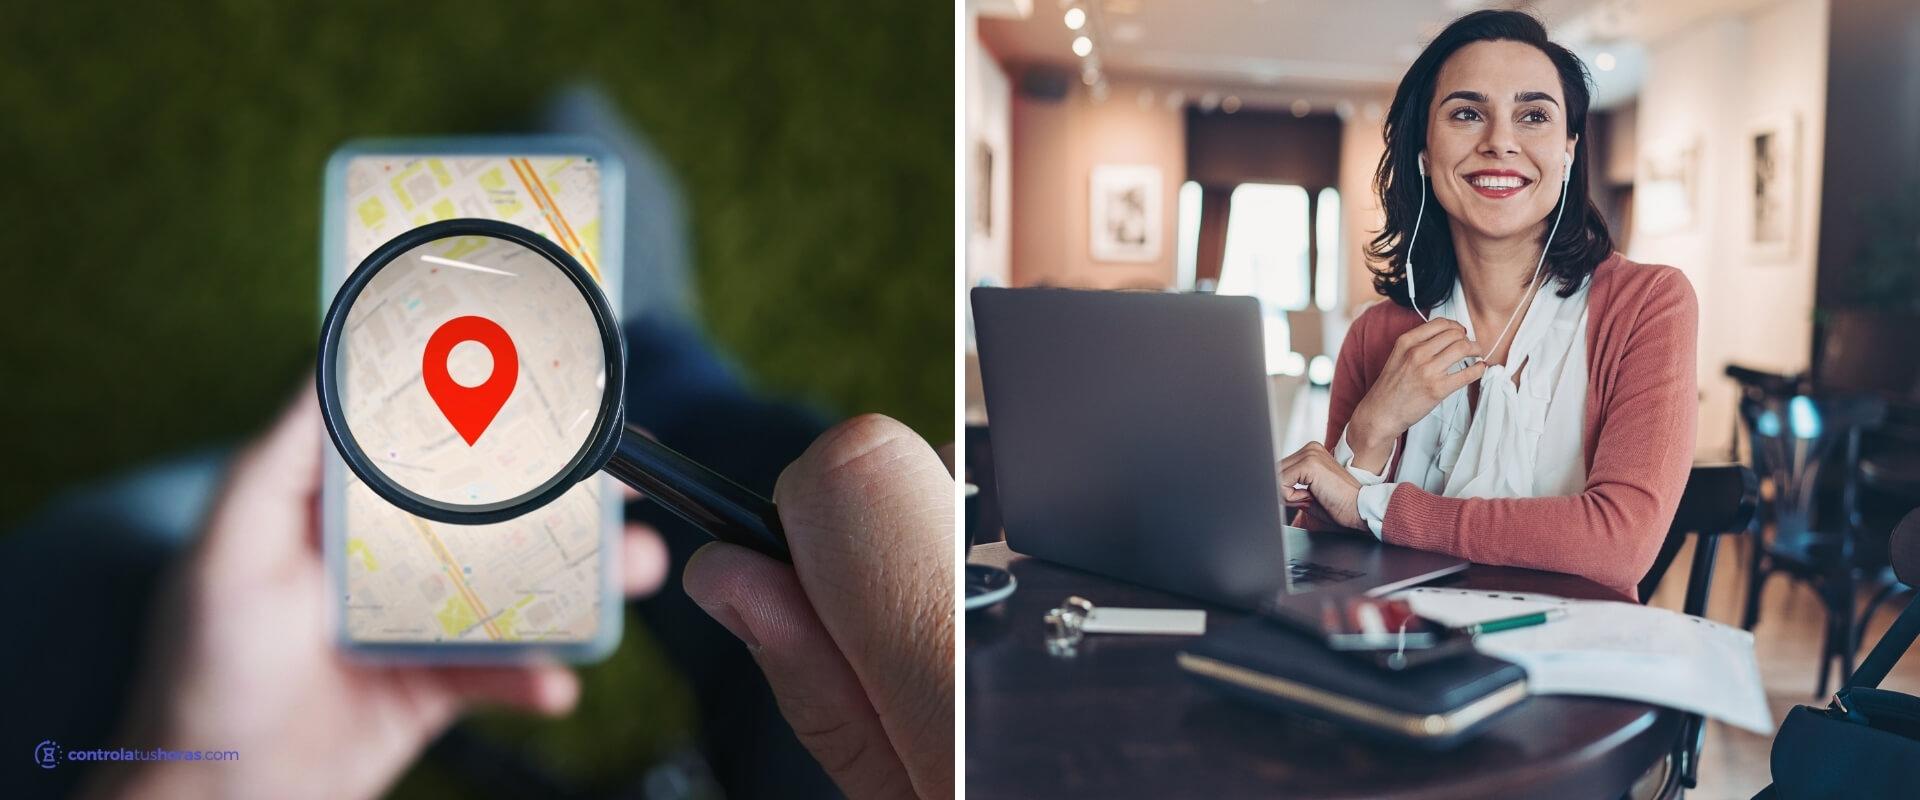 Usar geolocalización para controlar la jornada laboral y el teletrabajo